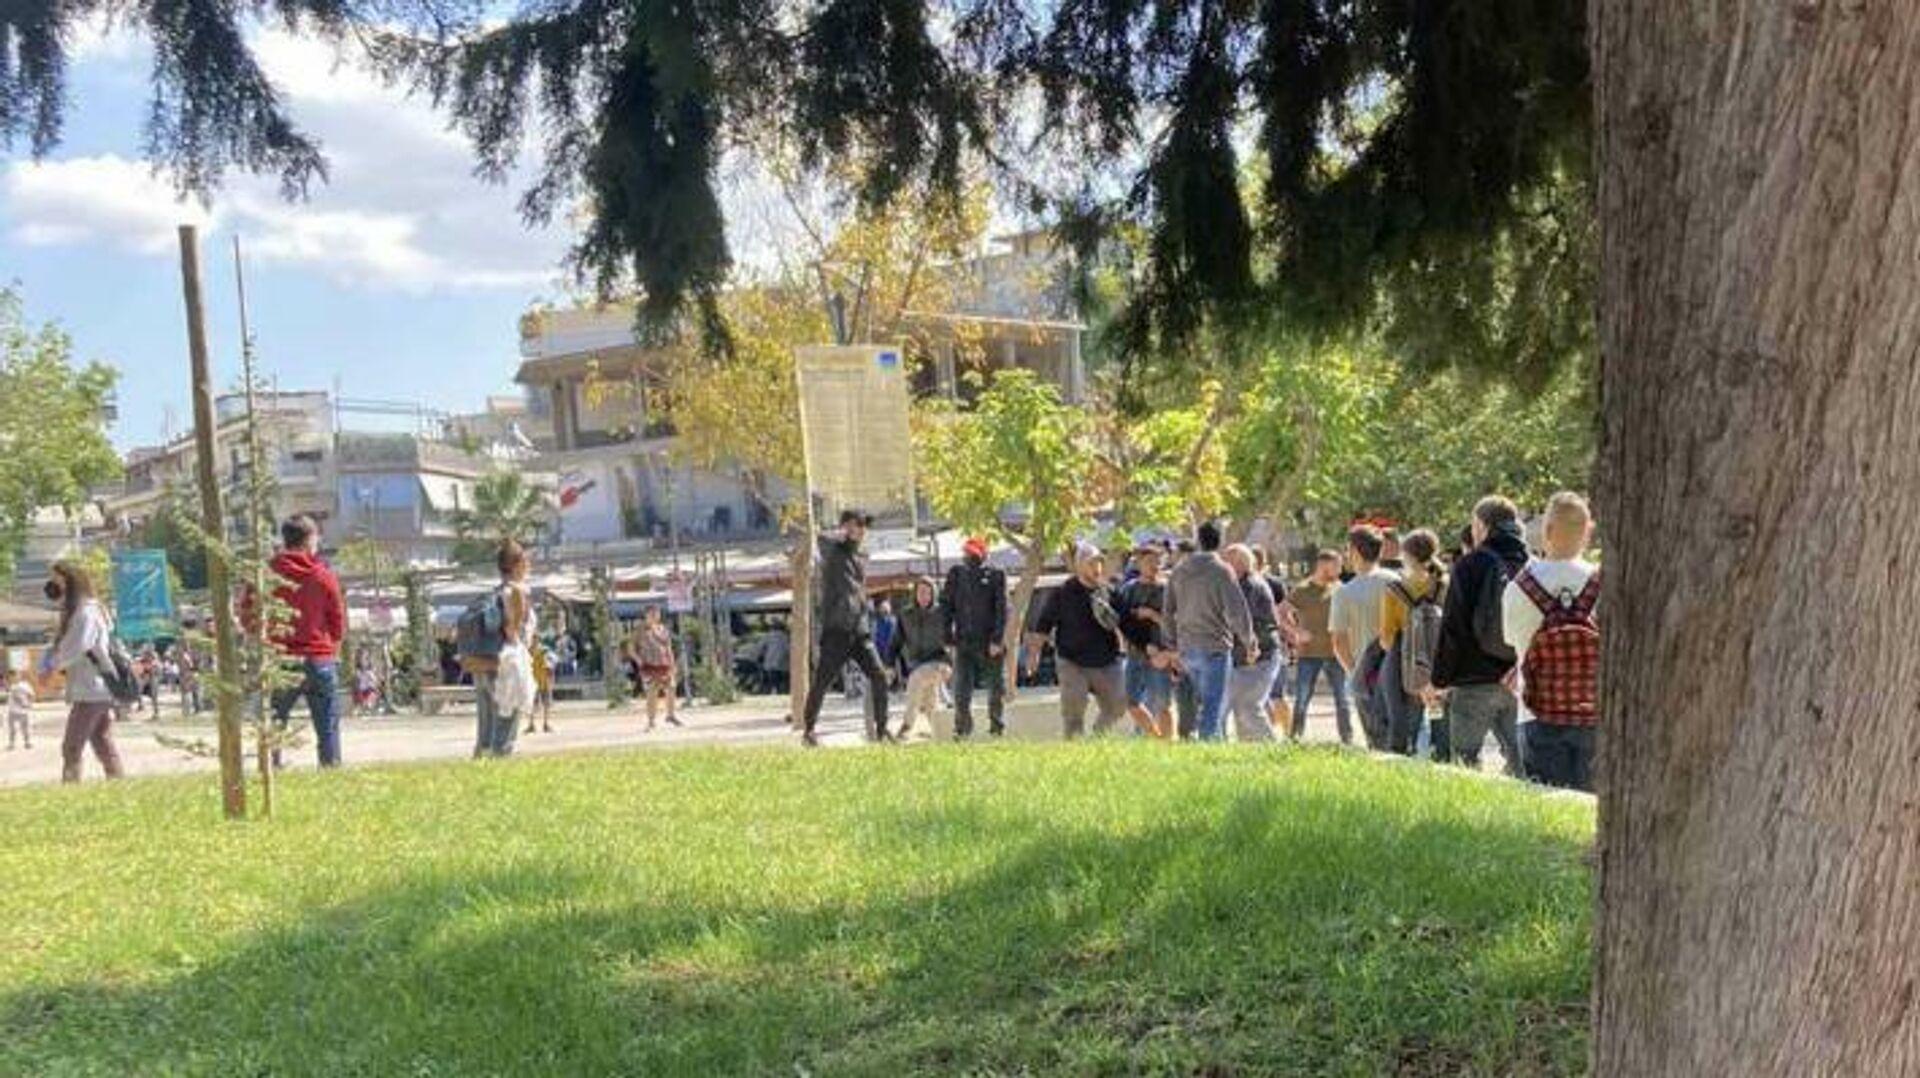 Η στιγμή που φασίστες επιτίθενται σε μέλη της ΚΝΕ στην Ηλιούπολη Θεσσαλονίκης - Sputnik Ελλάδα, 1920, 03.10.2021